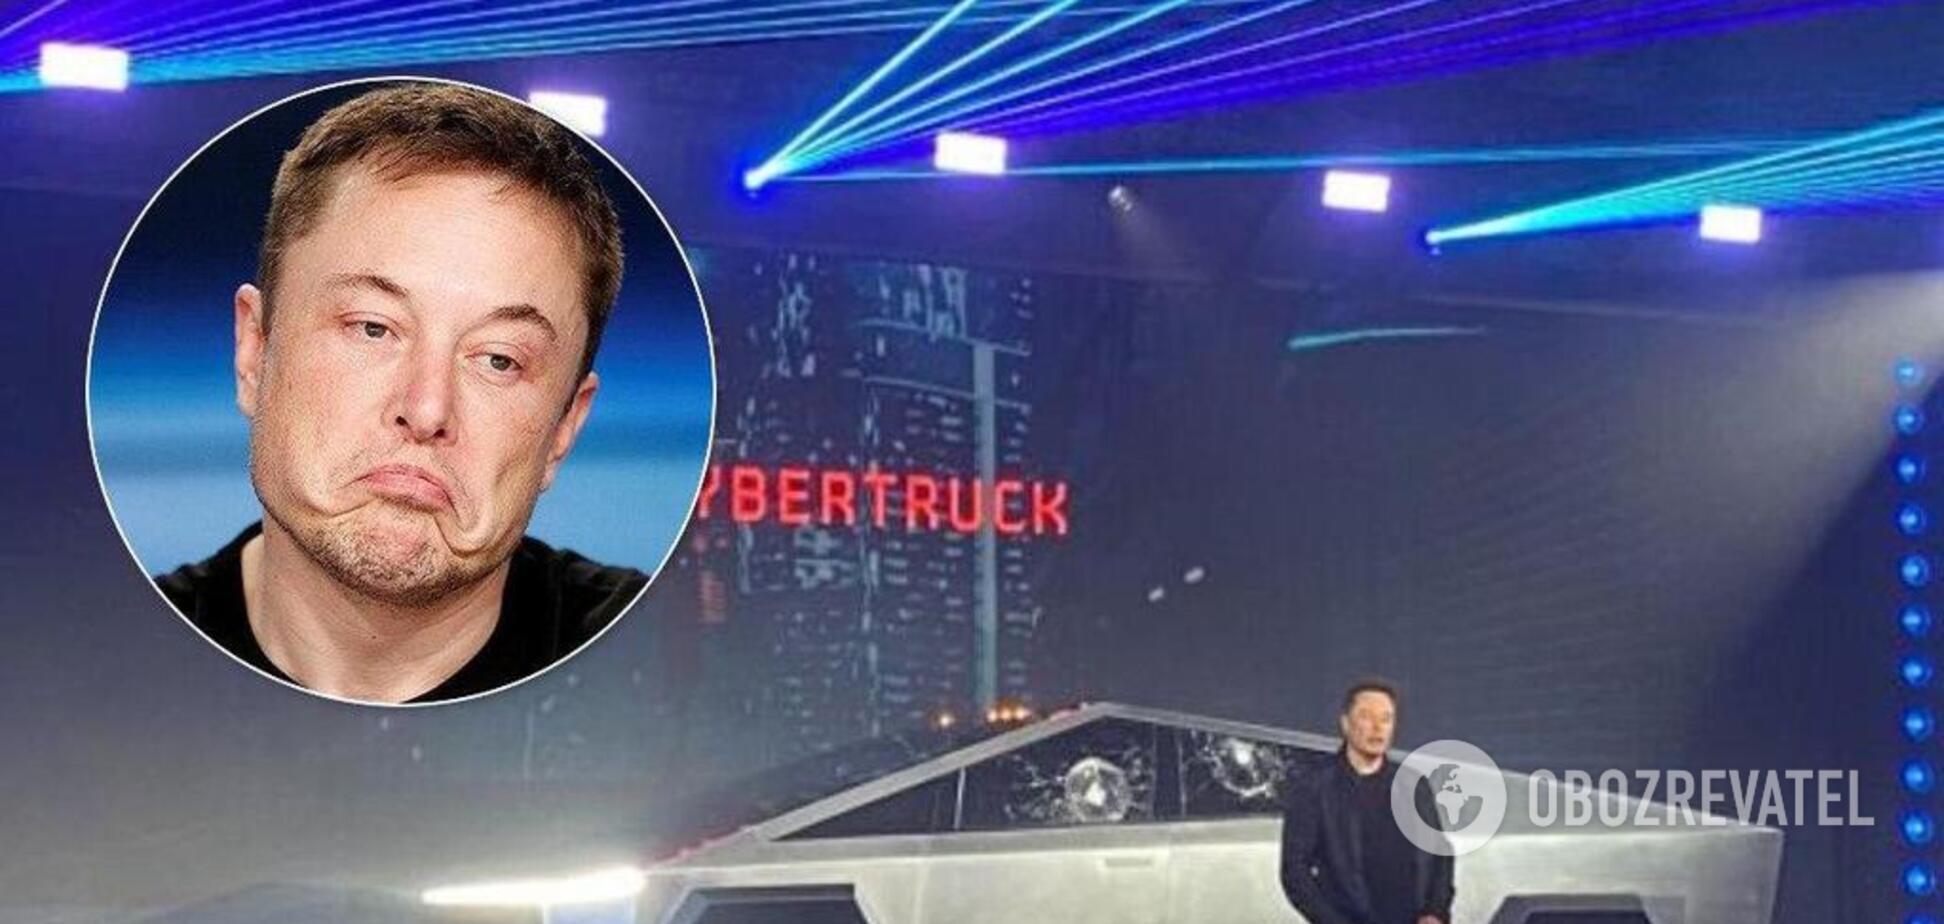 Маск презентовал новый пикап Tesla Cybertruck: как выглядит супер-машина будущего